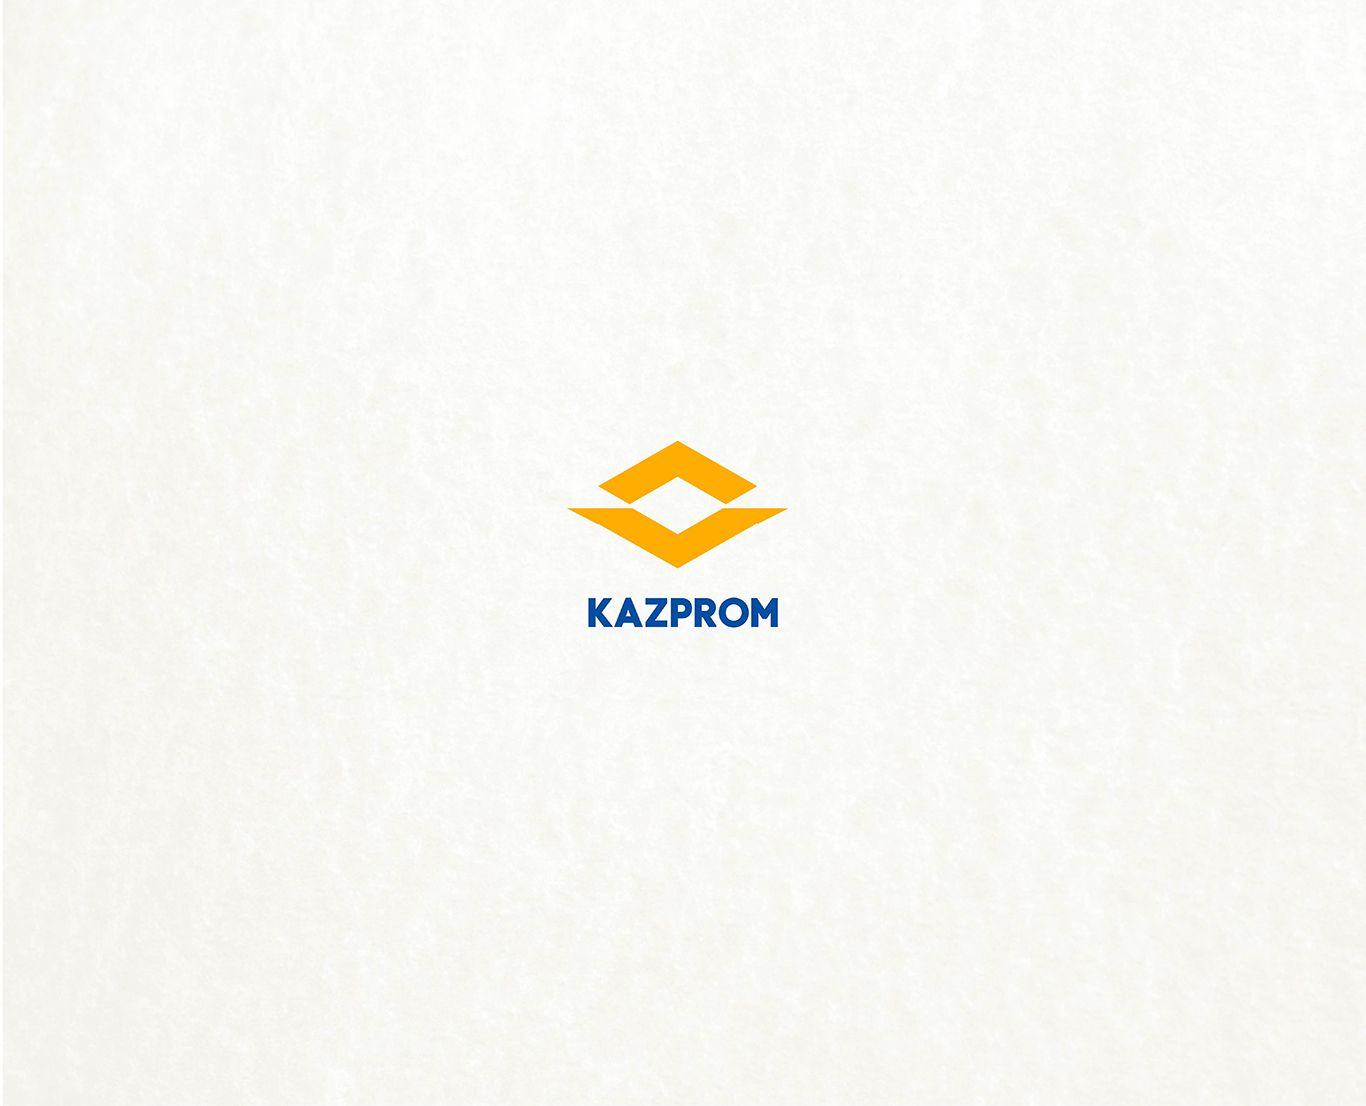 Редизайн логотипа, создание фирменного стиля - дизайнер Fuzz0